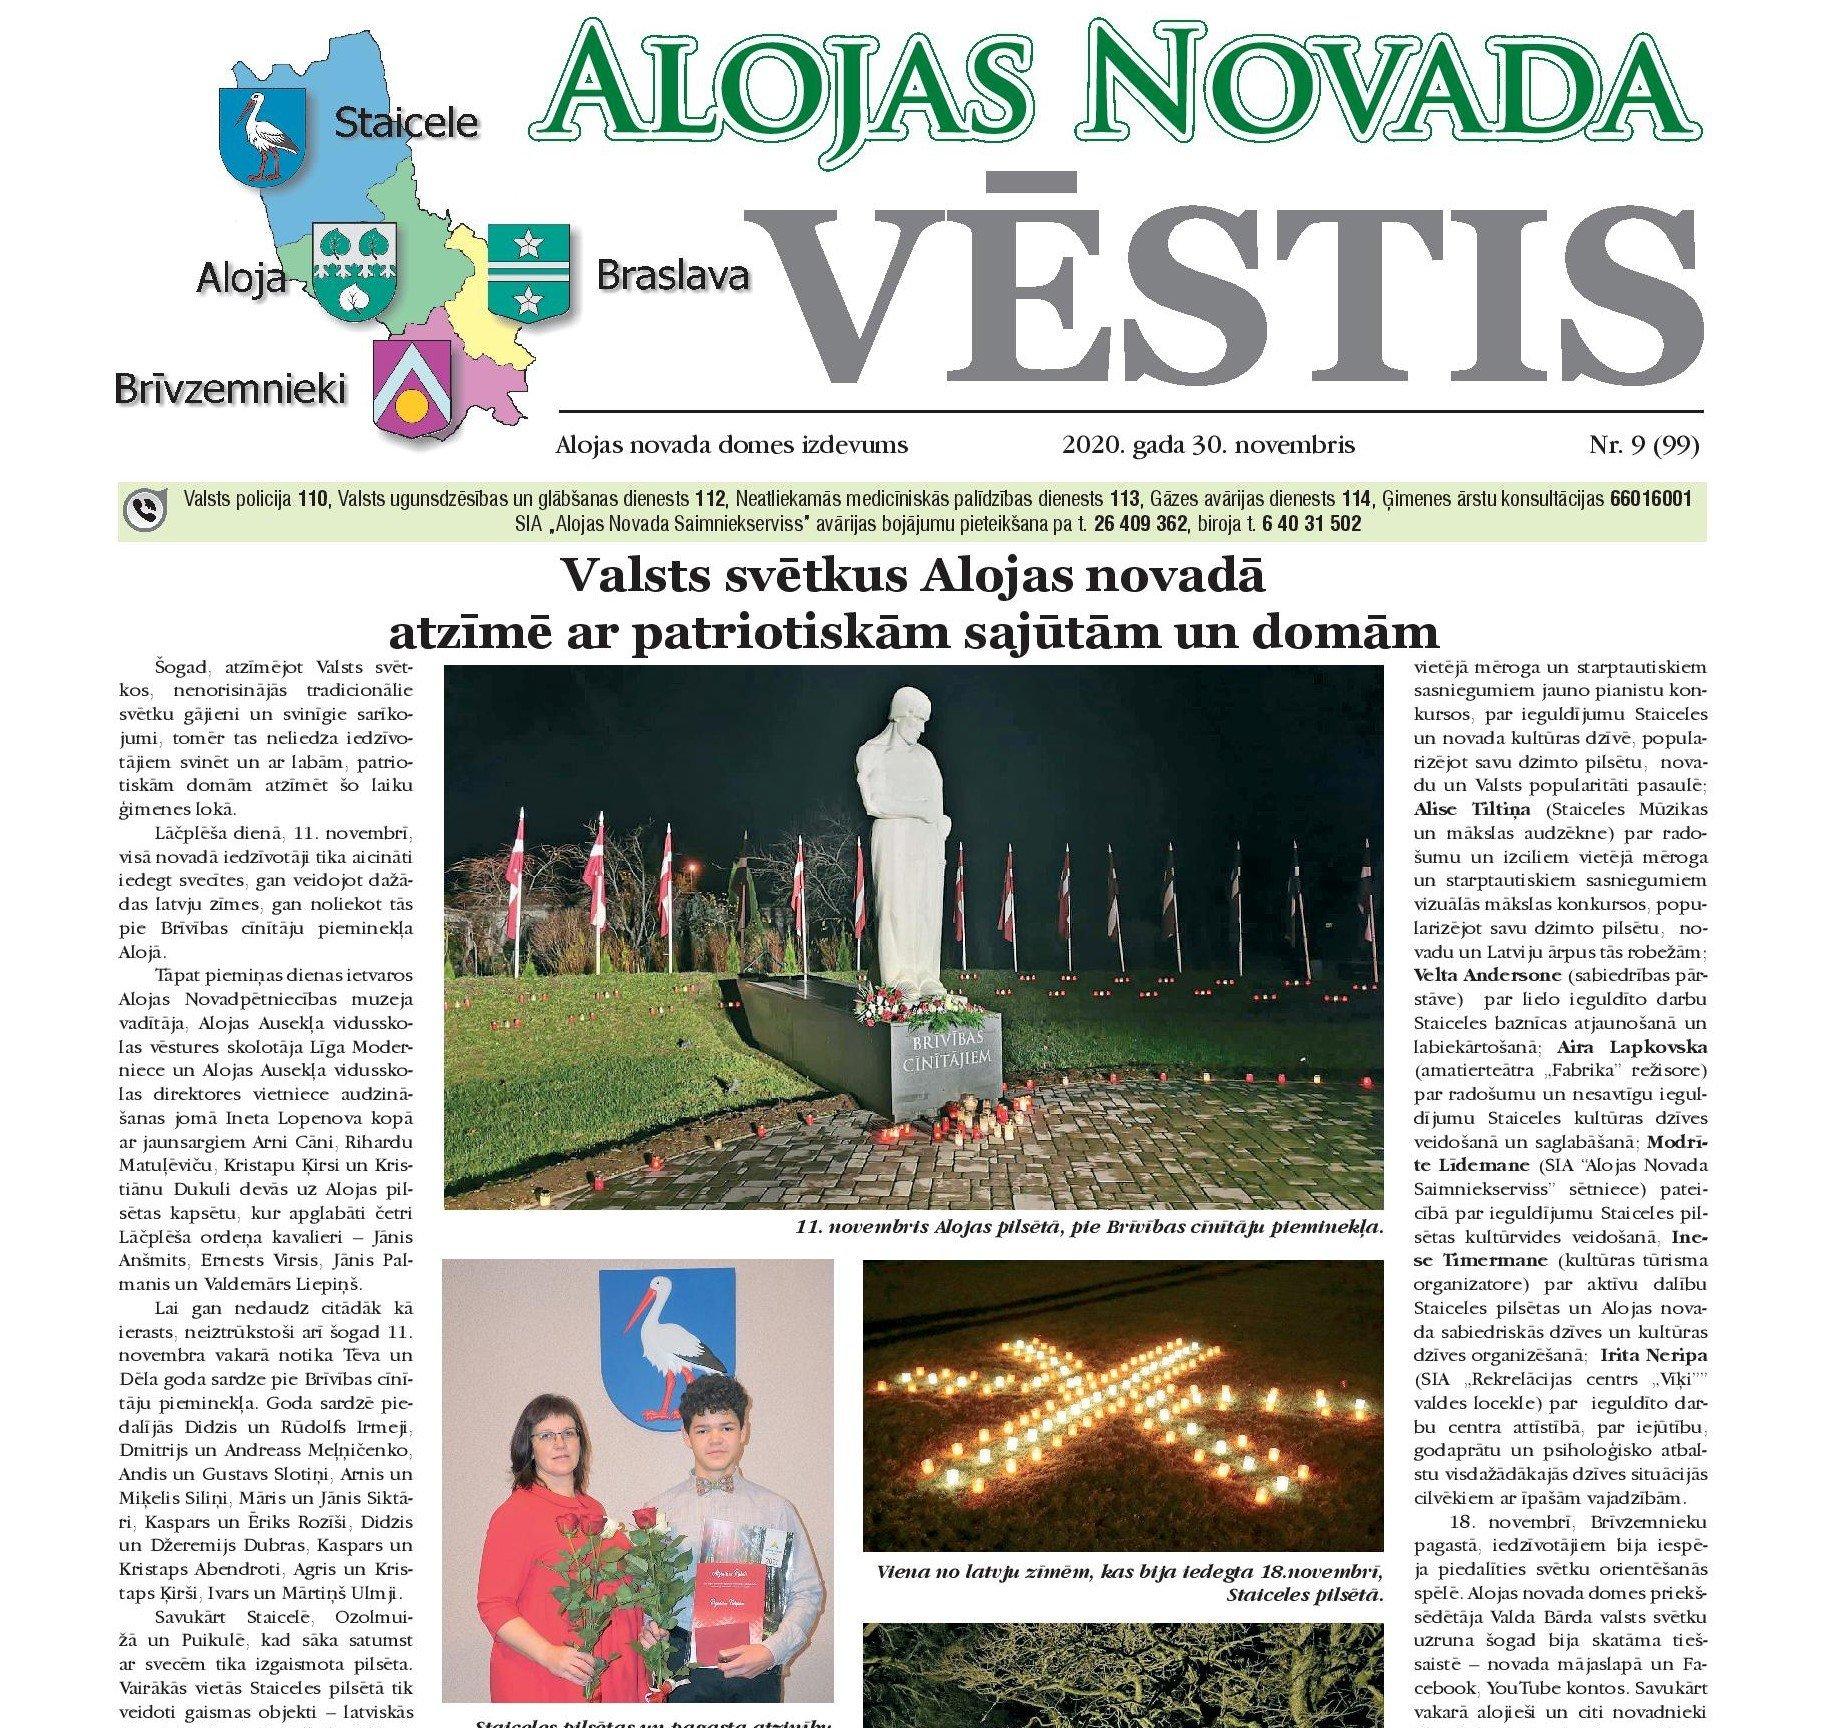 """Jaunākais pašvaldības informatīvā izdevuma """"Alojas Novada Vēstis"""" numurs"""